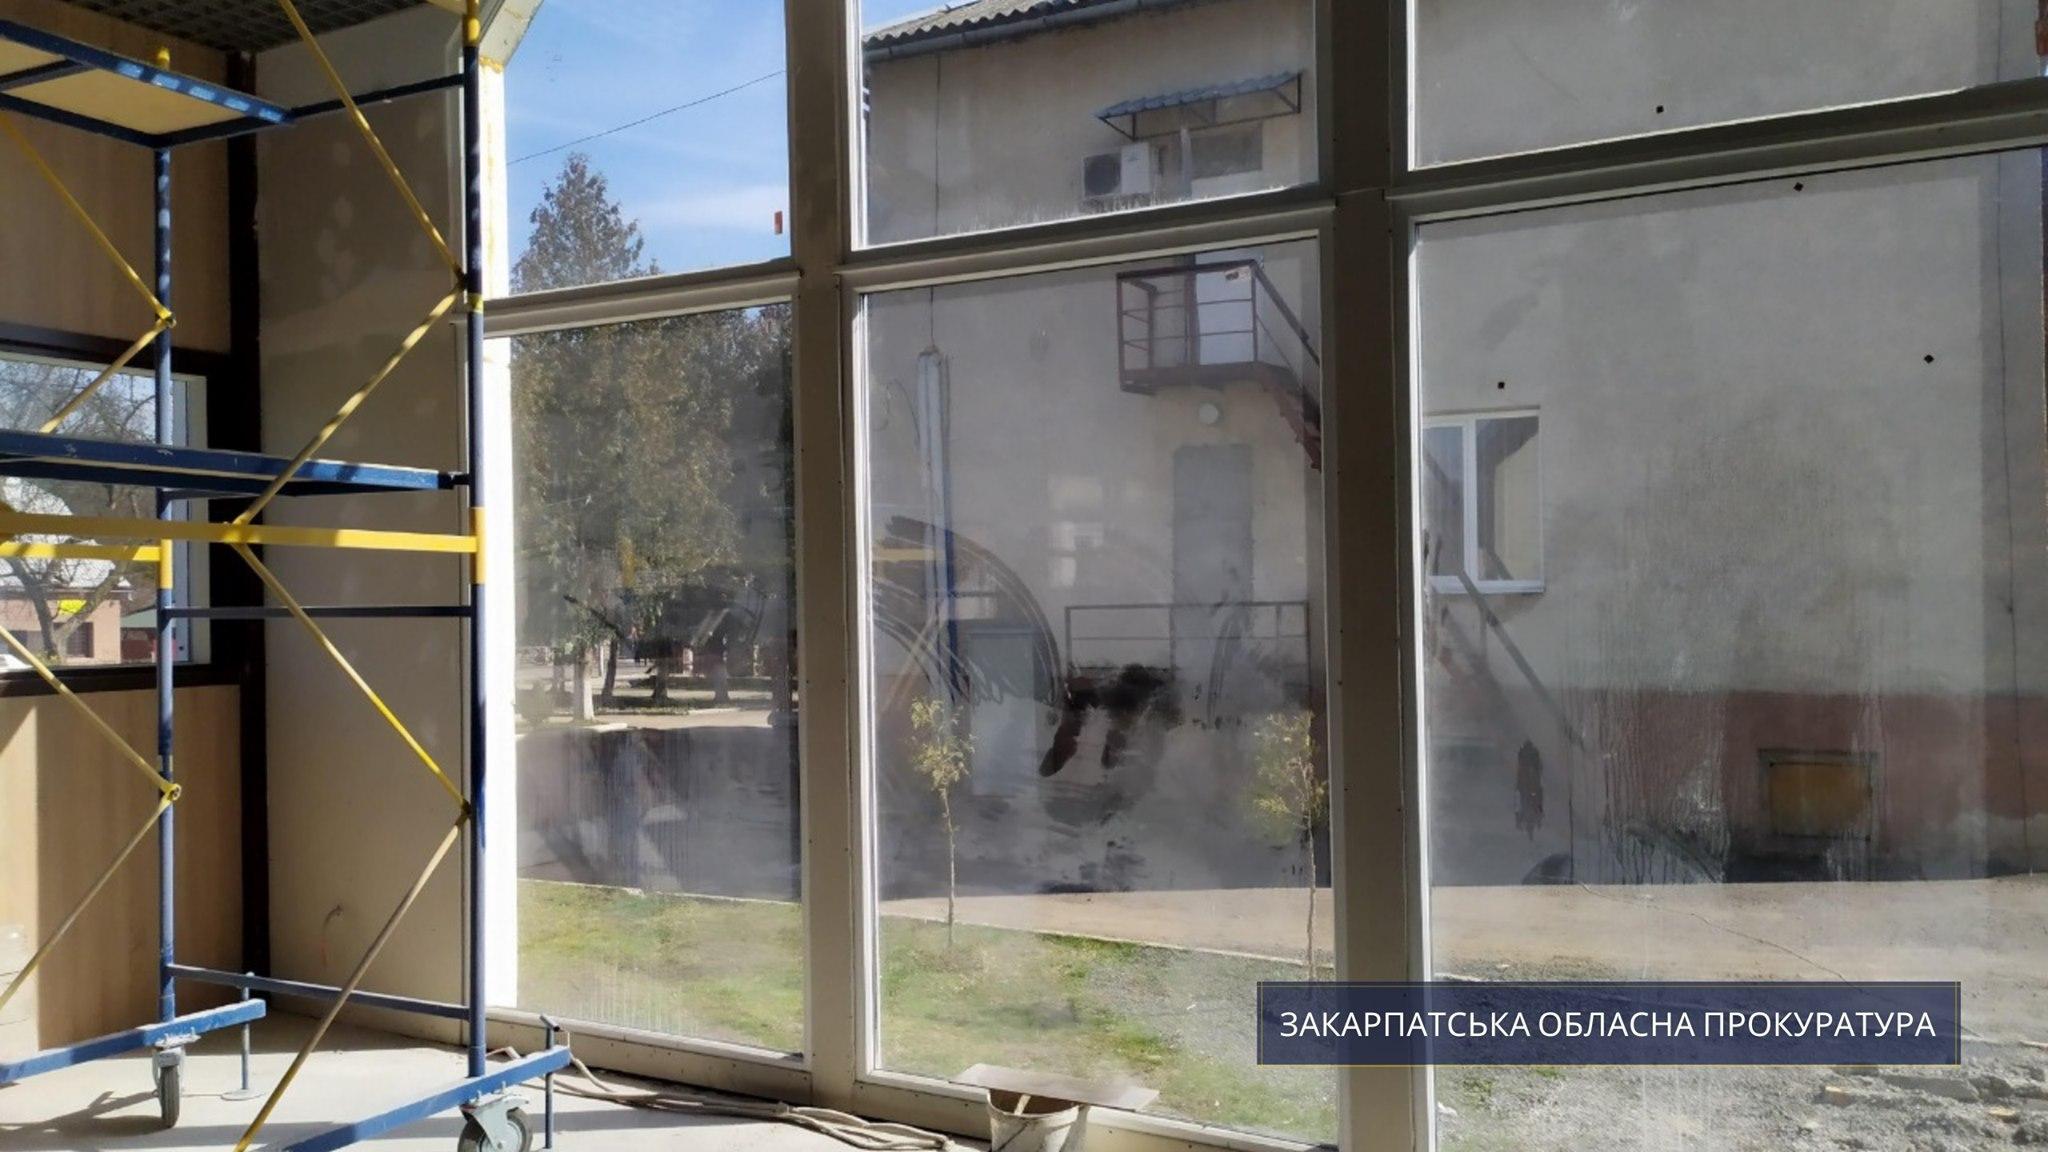 При будівництві ЦНАПу на Ужгородщині директор та інженер підприємства незаконно заволоділи понад 1,2 млн. грн. бюджетних коштів